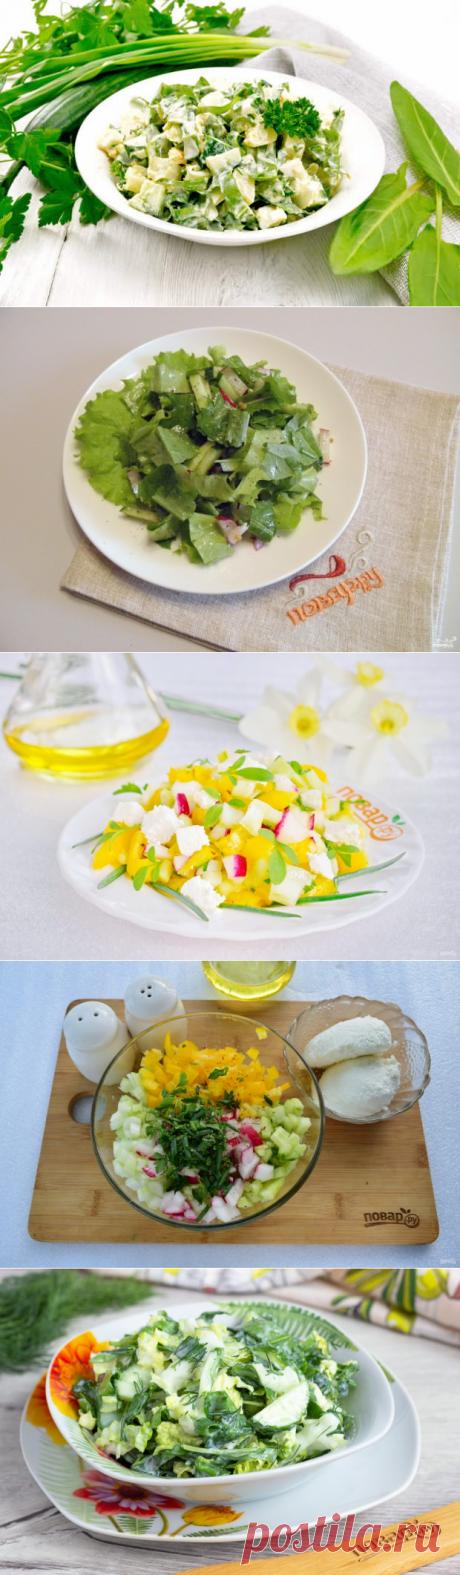 5 полезных салатов с весенней зеленью - БУДЕТ ВКУСНО! - медиаплатформа МирТесен